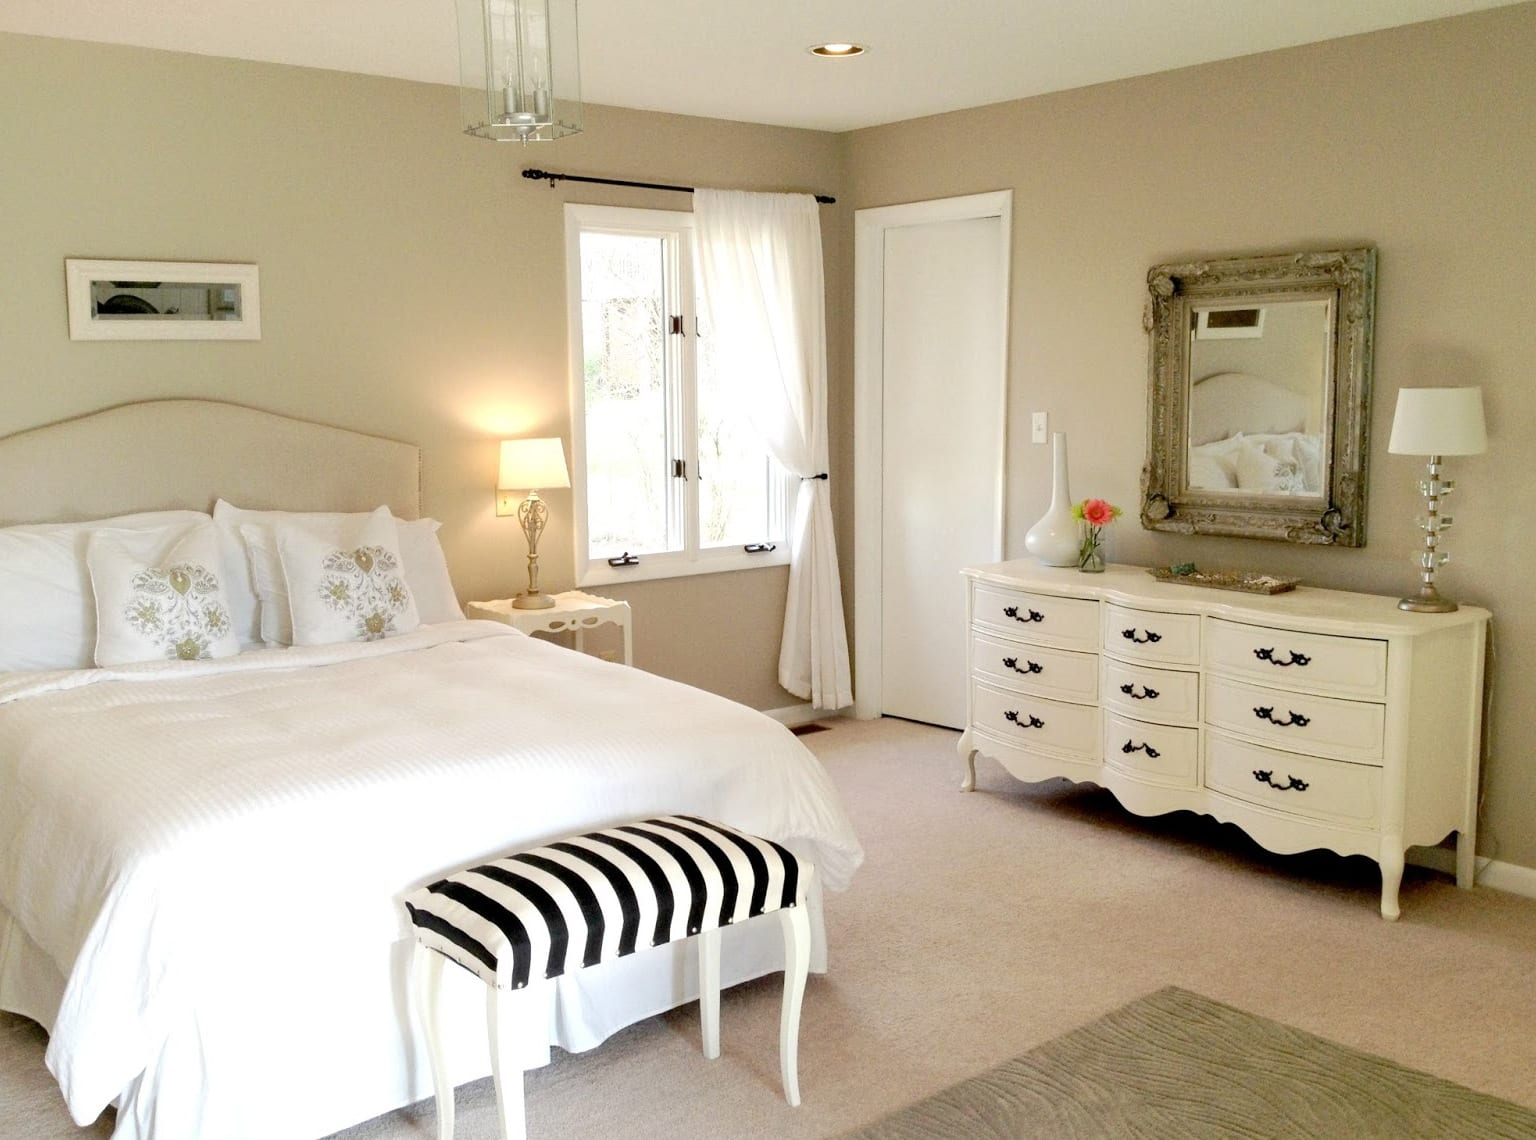 Perfekt Elegante Deko Idee Schlafzimmer Und Farbgestaltung In Weiß Schwarz Mit  Wandfarbe Beige